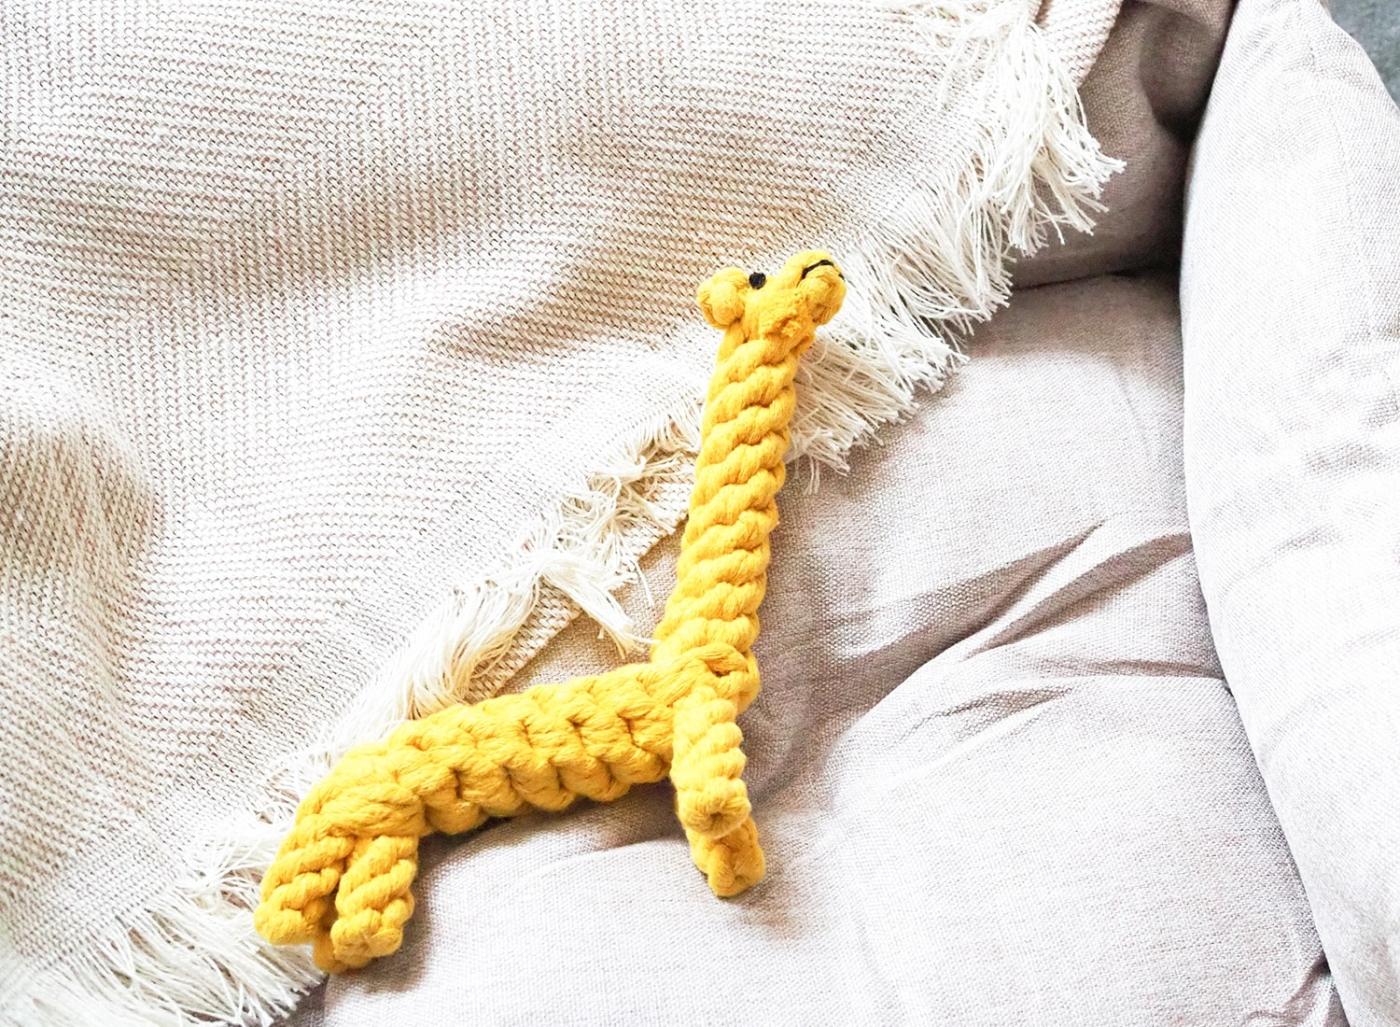 Hundespielzeug zum Zähne Reinigen aus Baumwolle in gelb - Greta Giraffe.